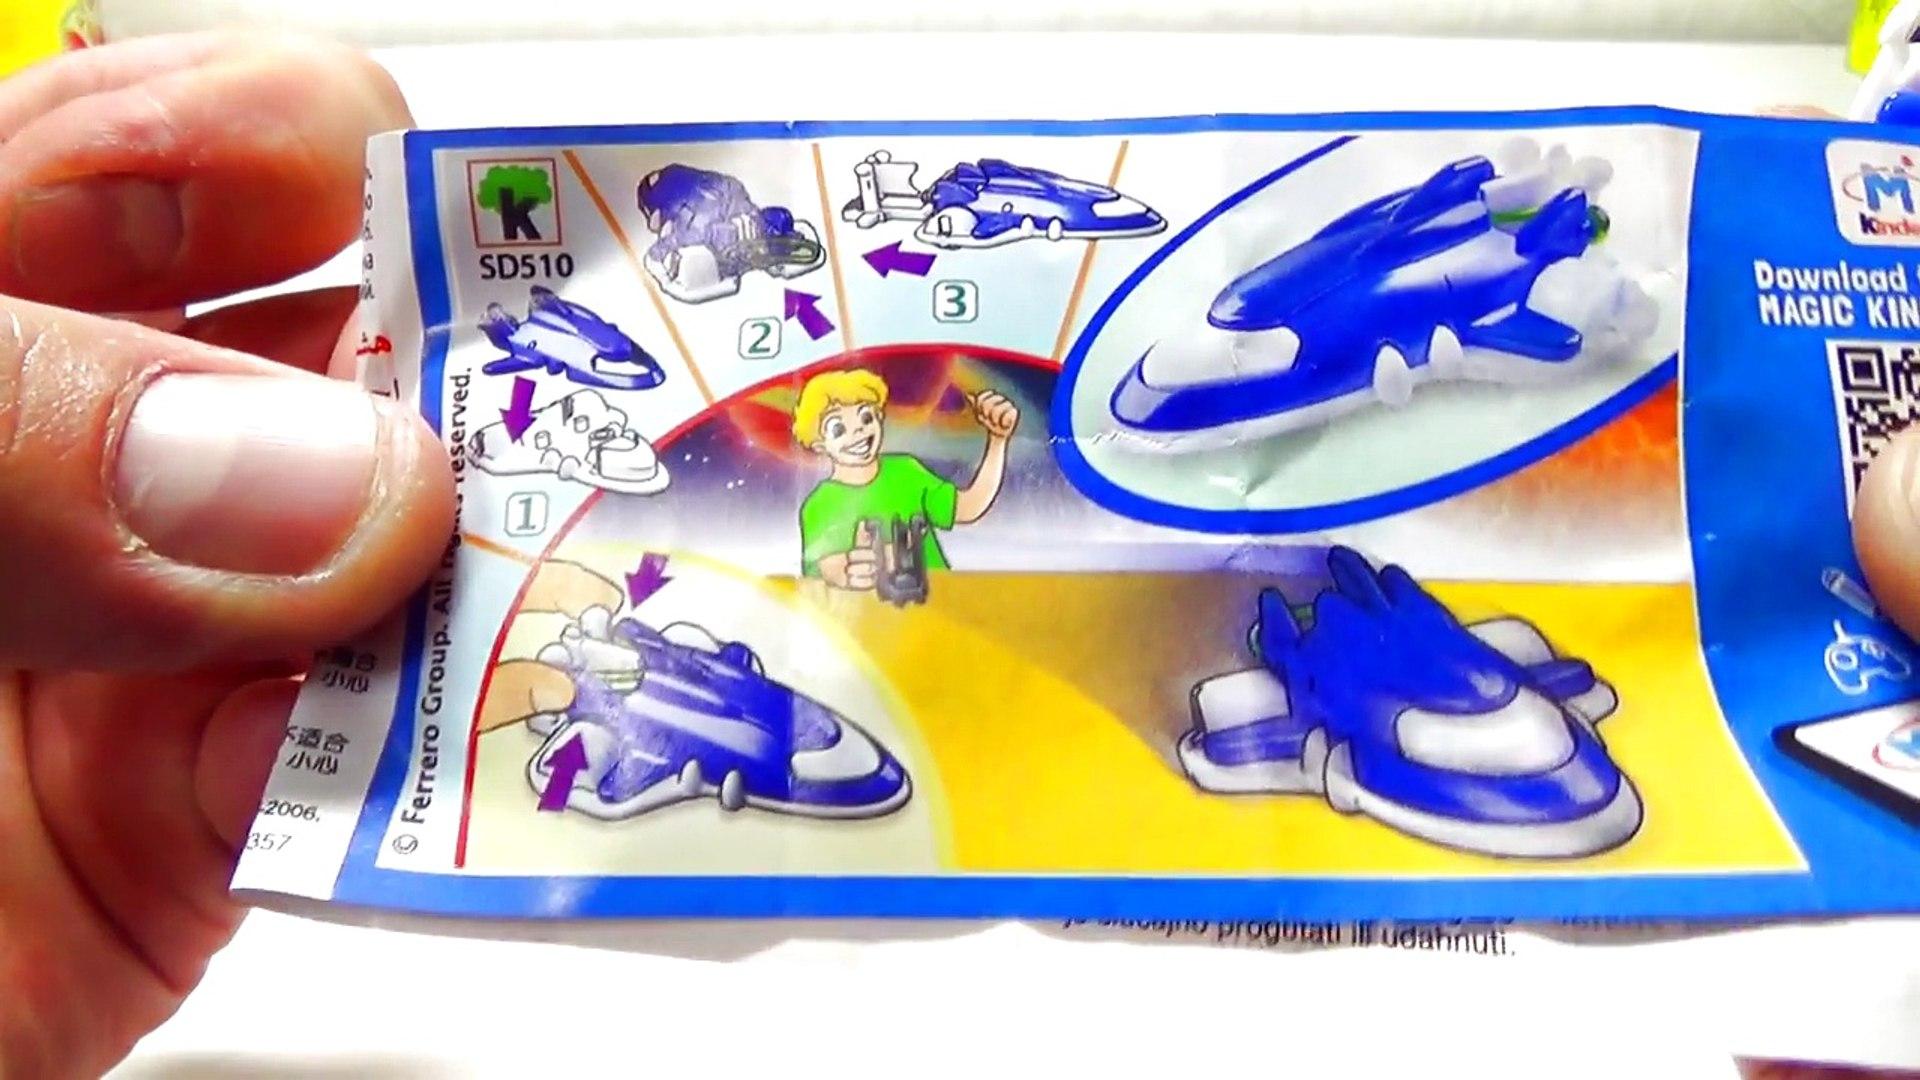 Kinder Joy Video For Kids Blue Green Orange Edition Easter egg videos for children I Kids Egg Show